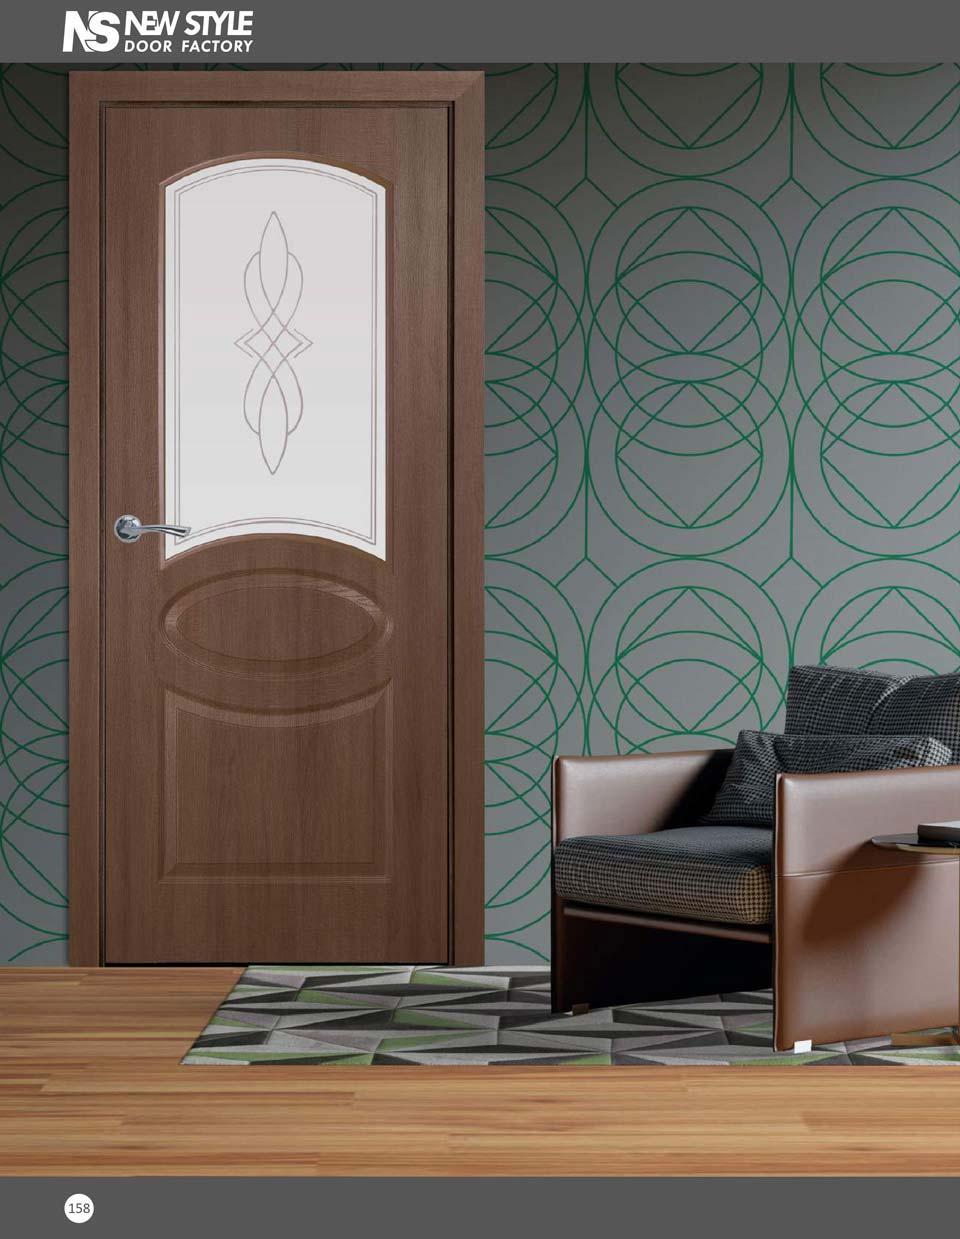 каталог міжкімнатних дверей Новий Стиль New Style